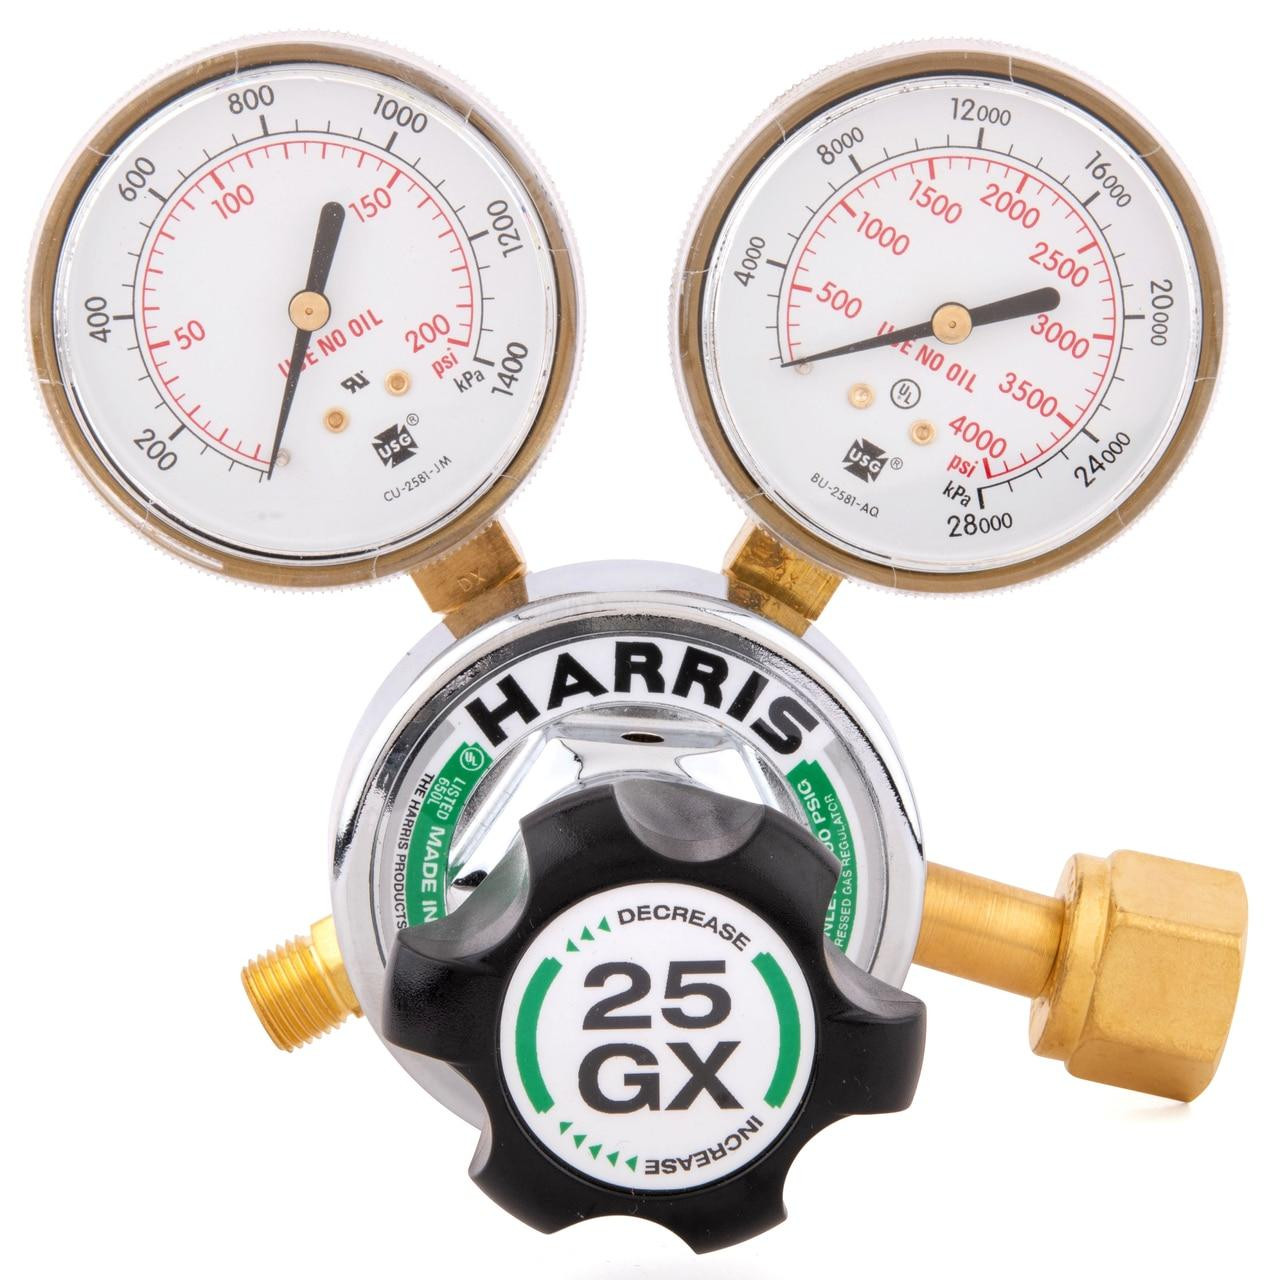 Harris Model 25GX Single Stage Oxygen Regulator 25GX-145-540 - 3000510